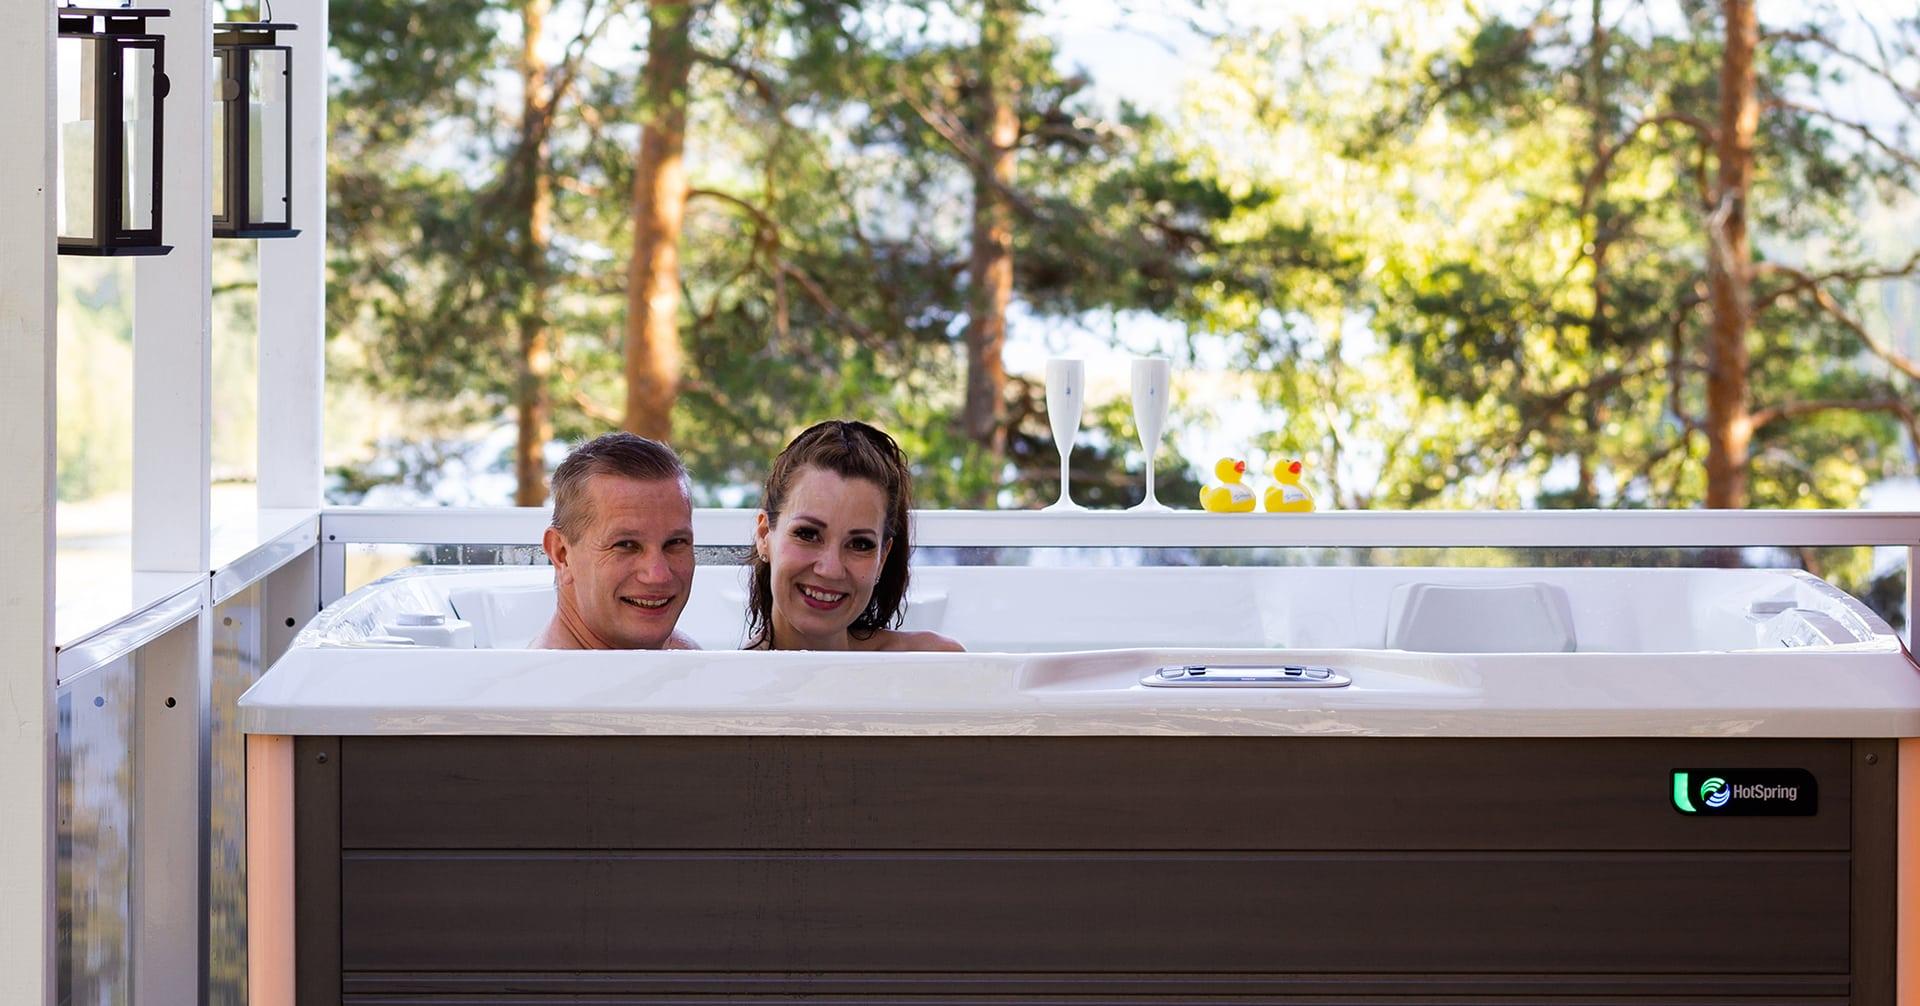 Ulkoporeallas terassilla ja altaassa istuu hymyilevä pariskunta